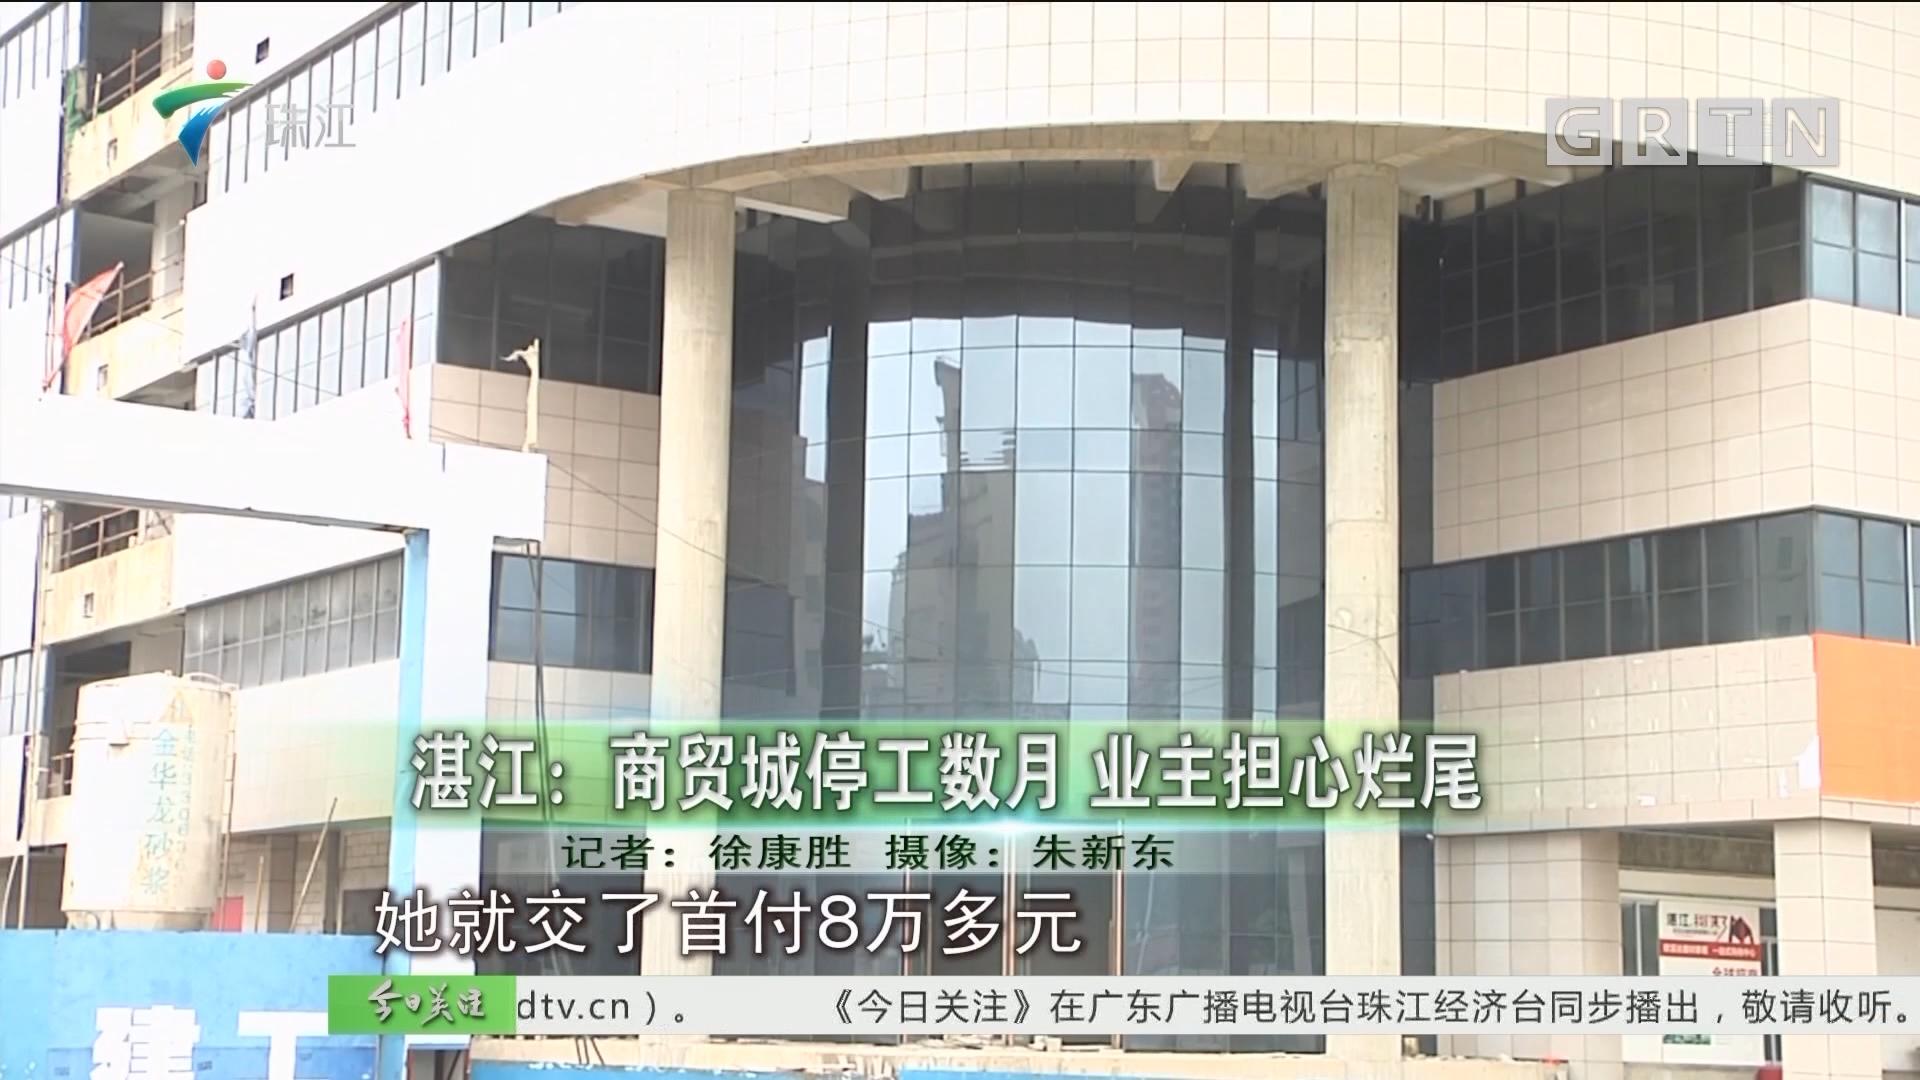 湛江:商贸城停工数月 业主担心烂尾